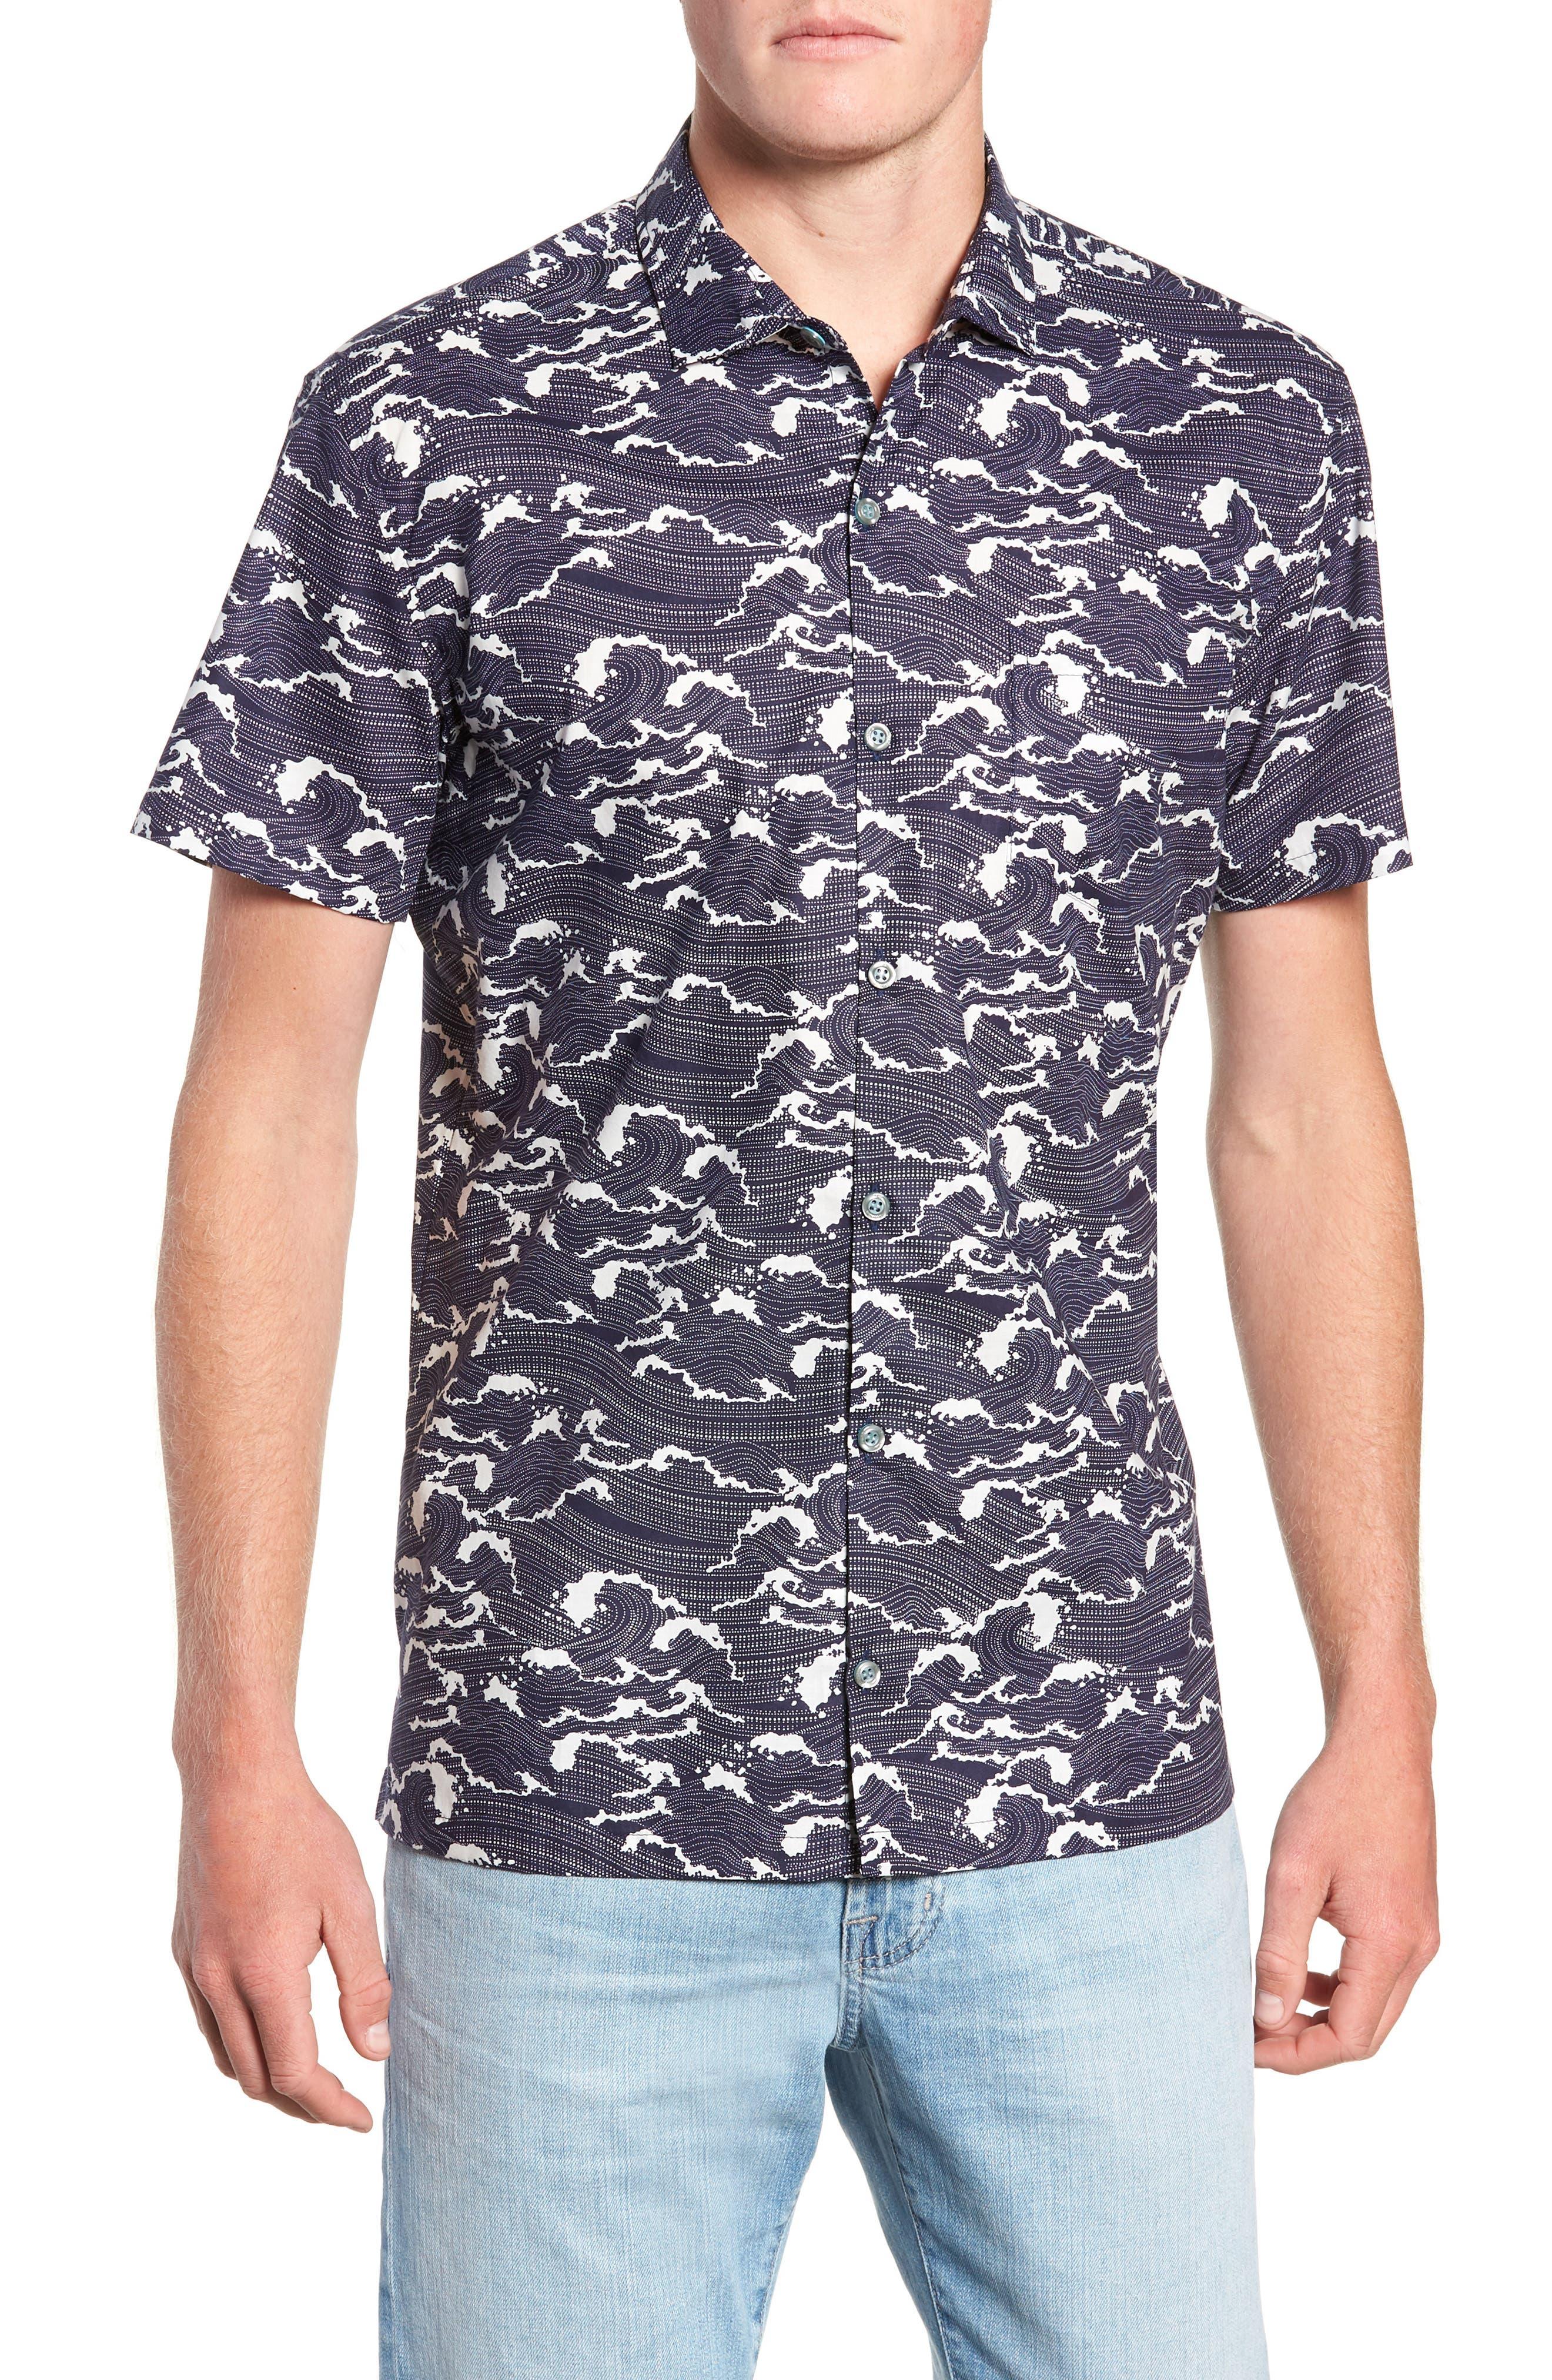 Ebb & Flow Trim Fit Camp Shirt,                         Main,                         color, NAVY